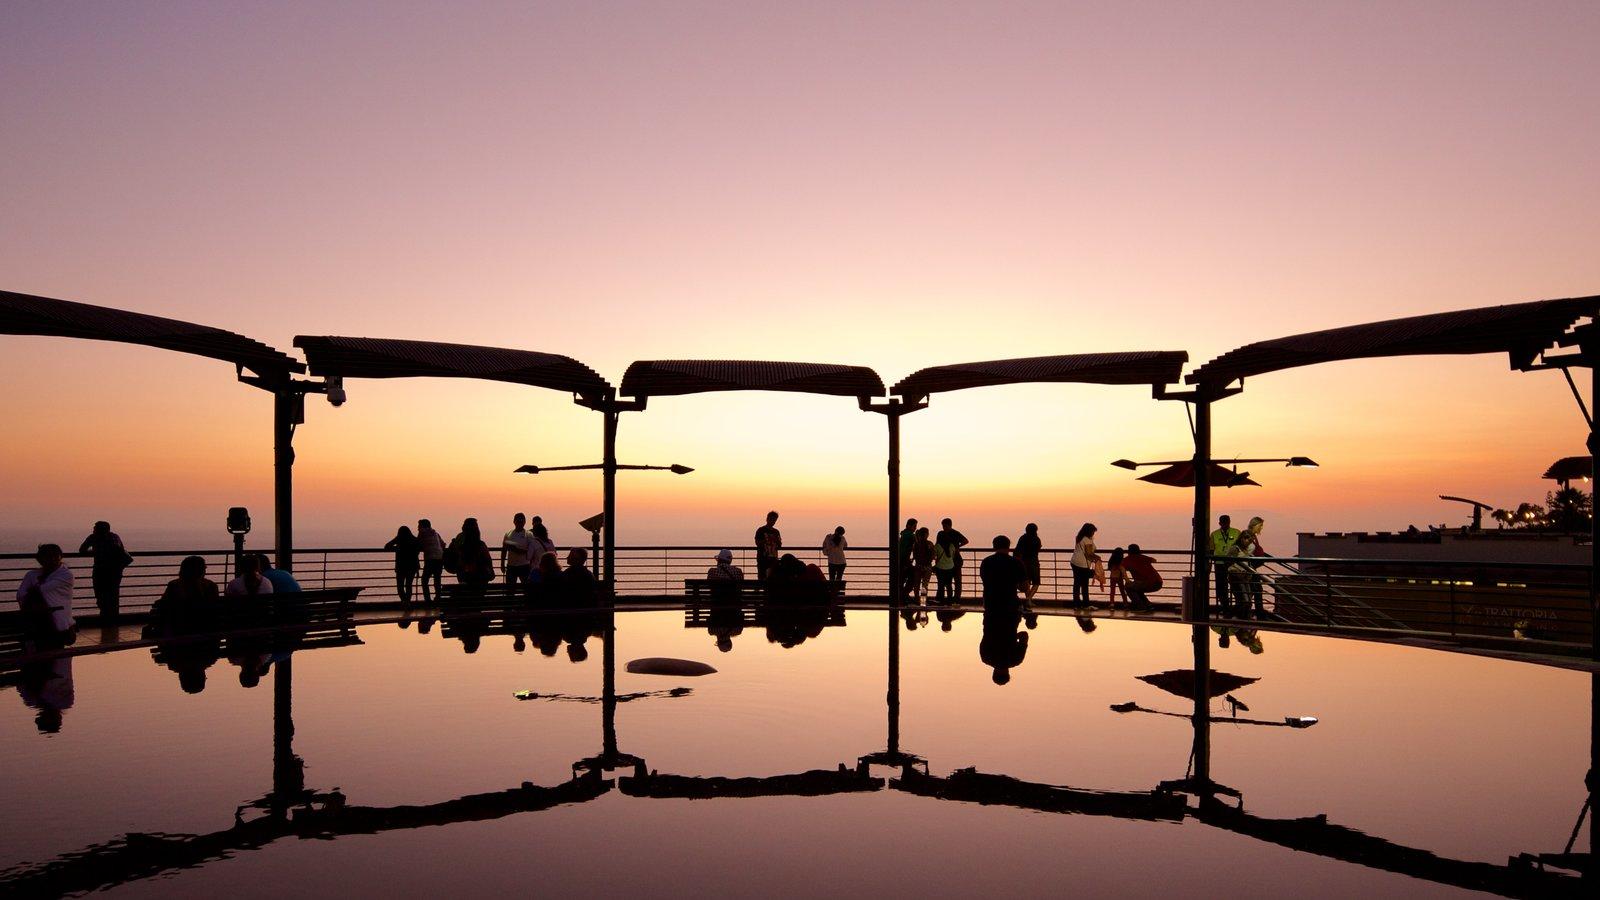 Lima que inclui um pôr do sol e um lago assim como um grande grupo de pessoas